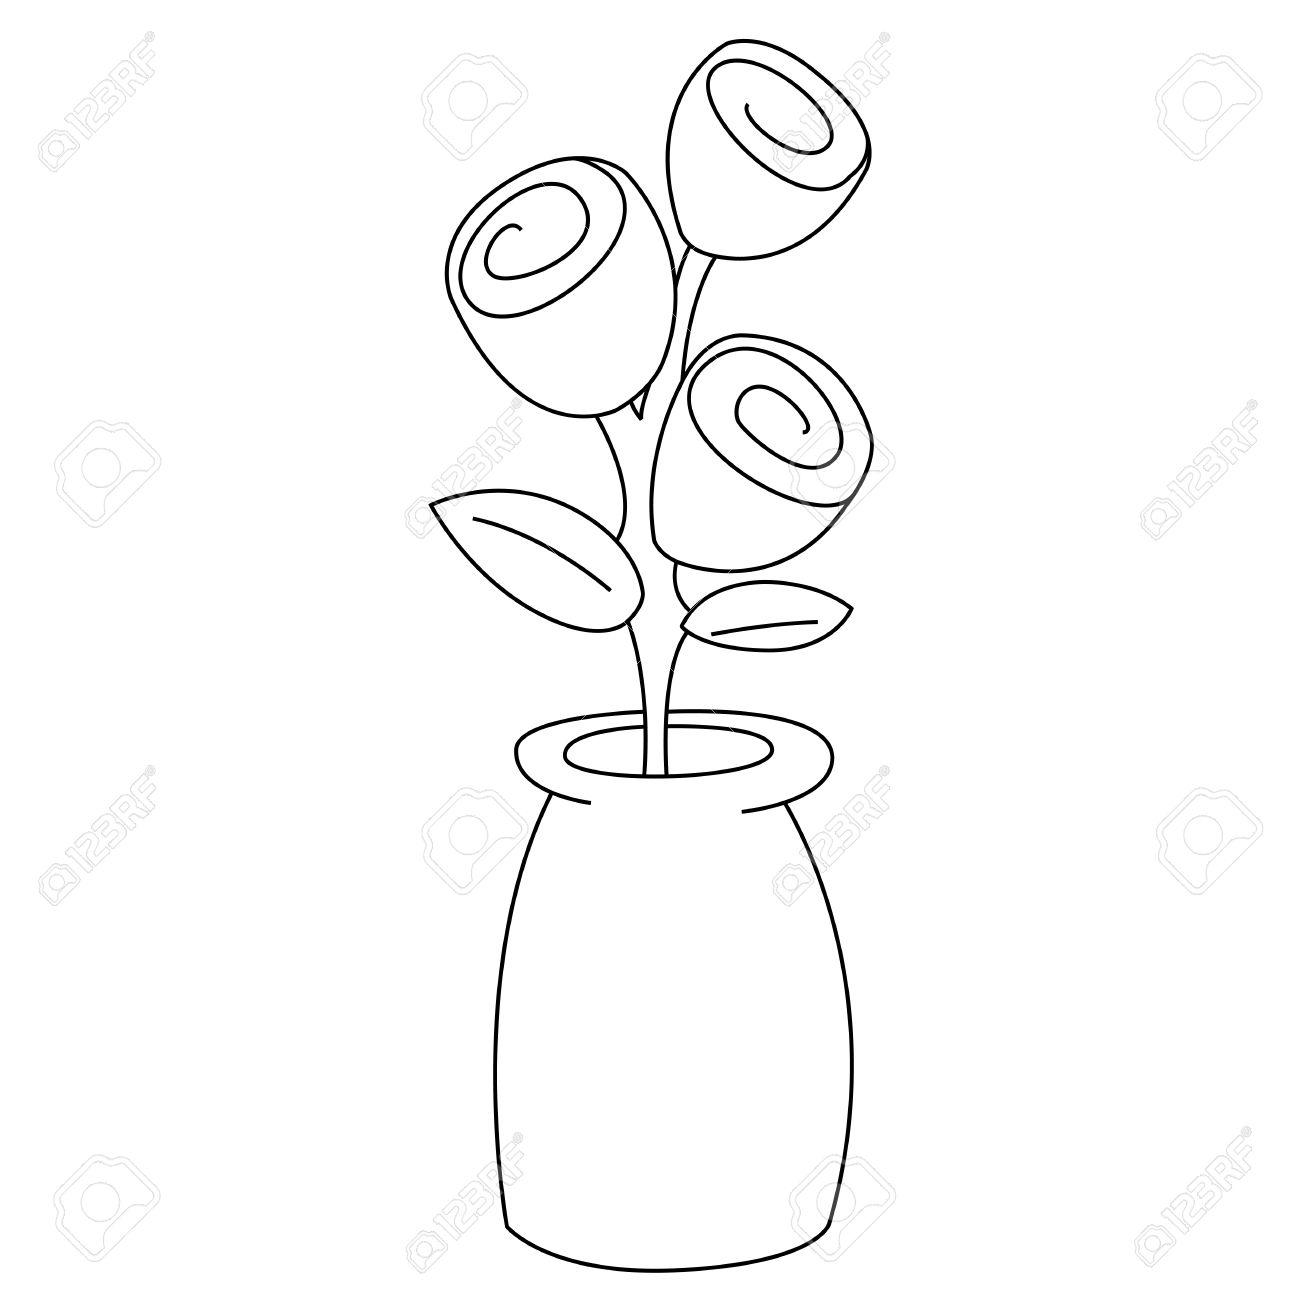 Real white vase clipart jpg transparent Black Outline Vector Flowers In Vase On White Background. Royalty ... jpg transparent